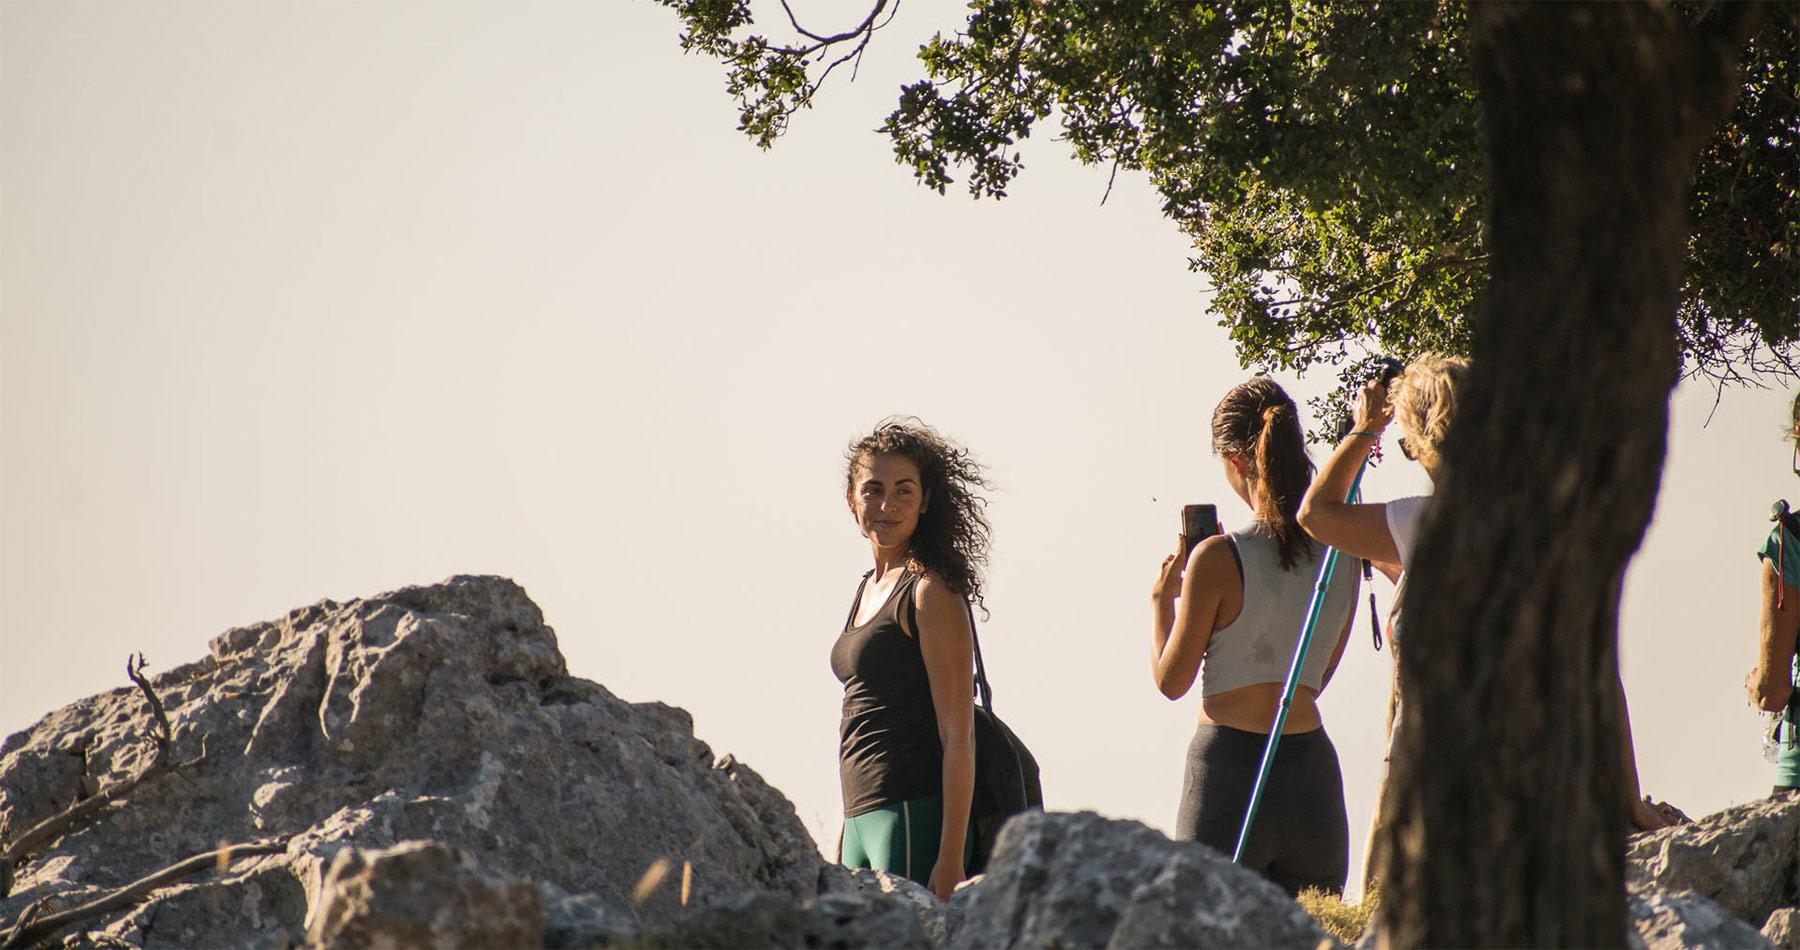 rhodes experiences amazing sunset hike profitis ilias 5